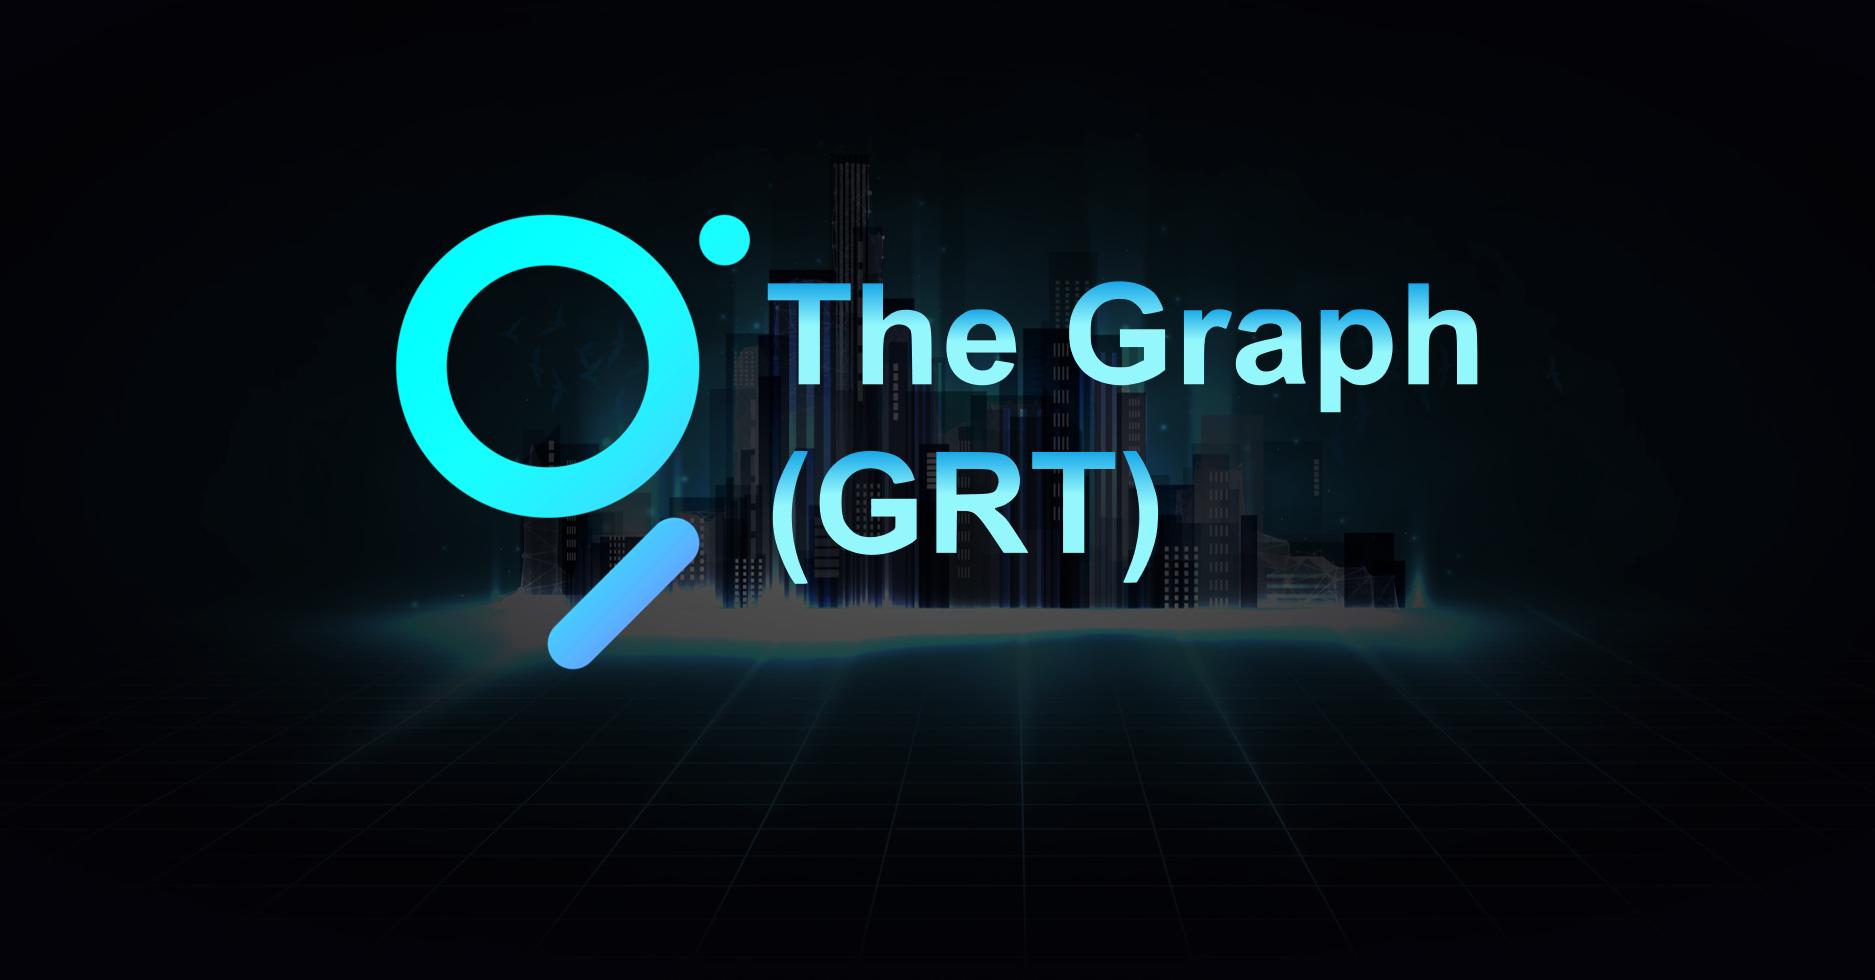 the graph grt là gì